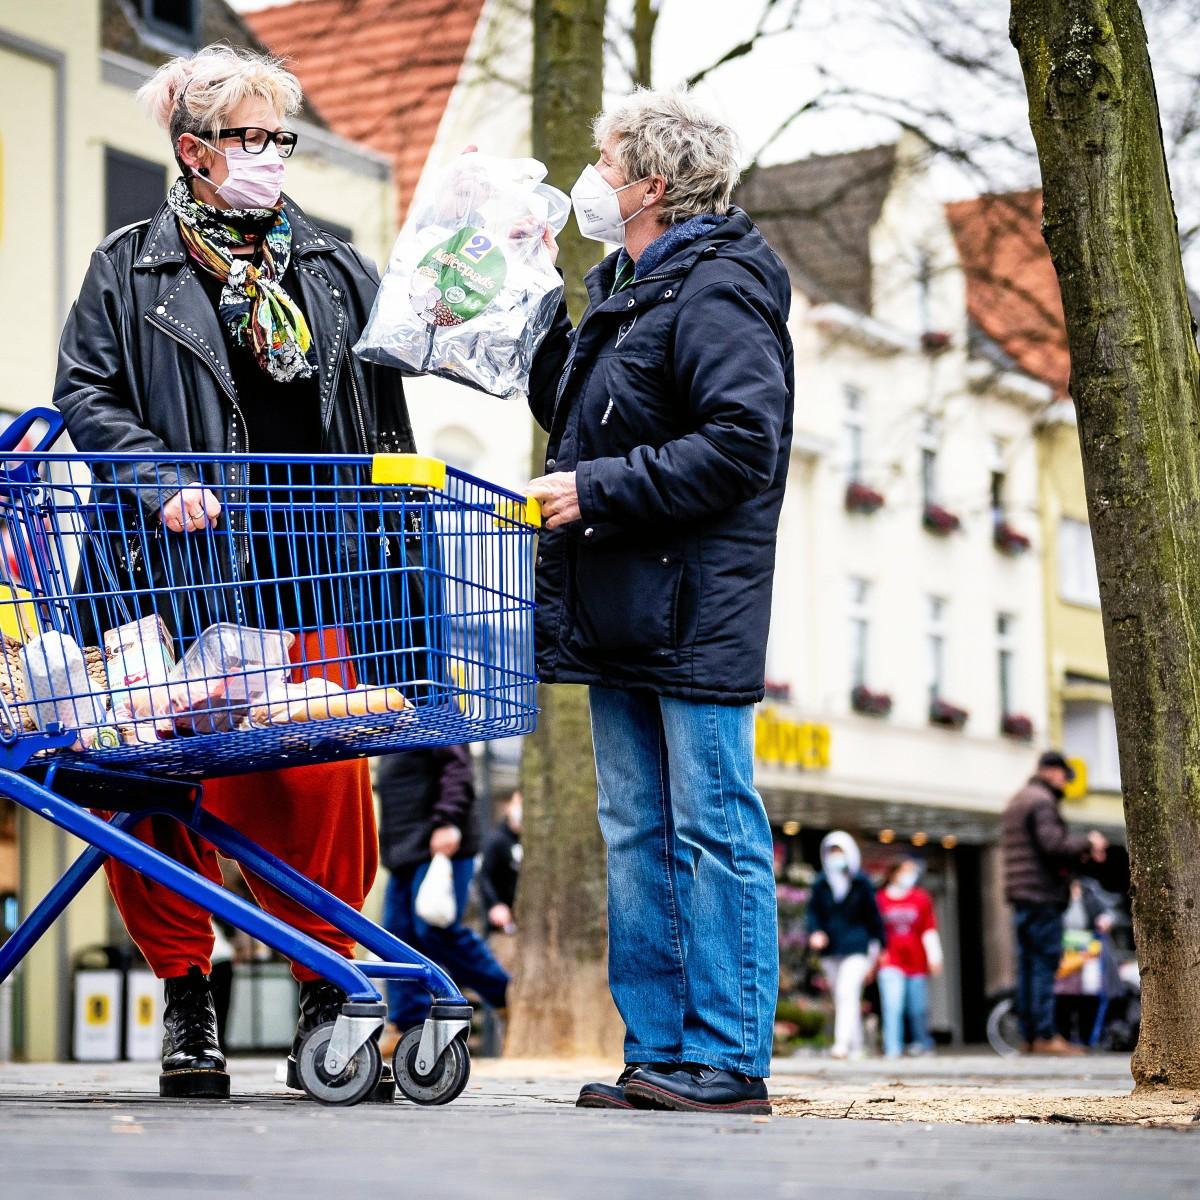 Venlo holland sonntags einkaufen VenloVerwelkomt